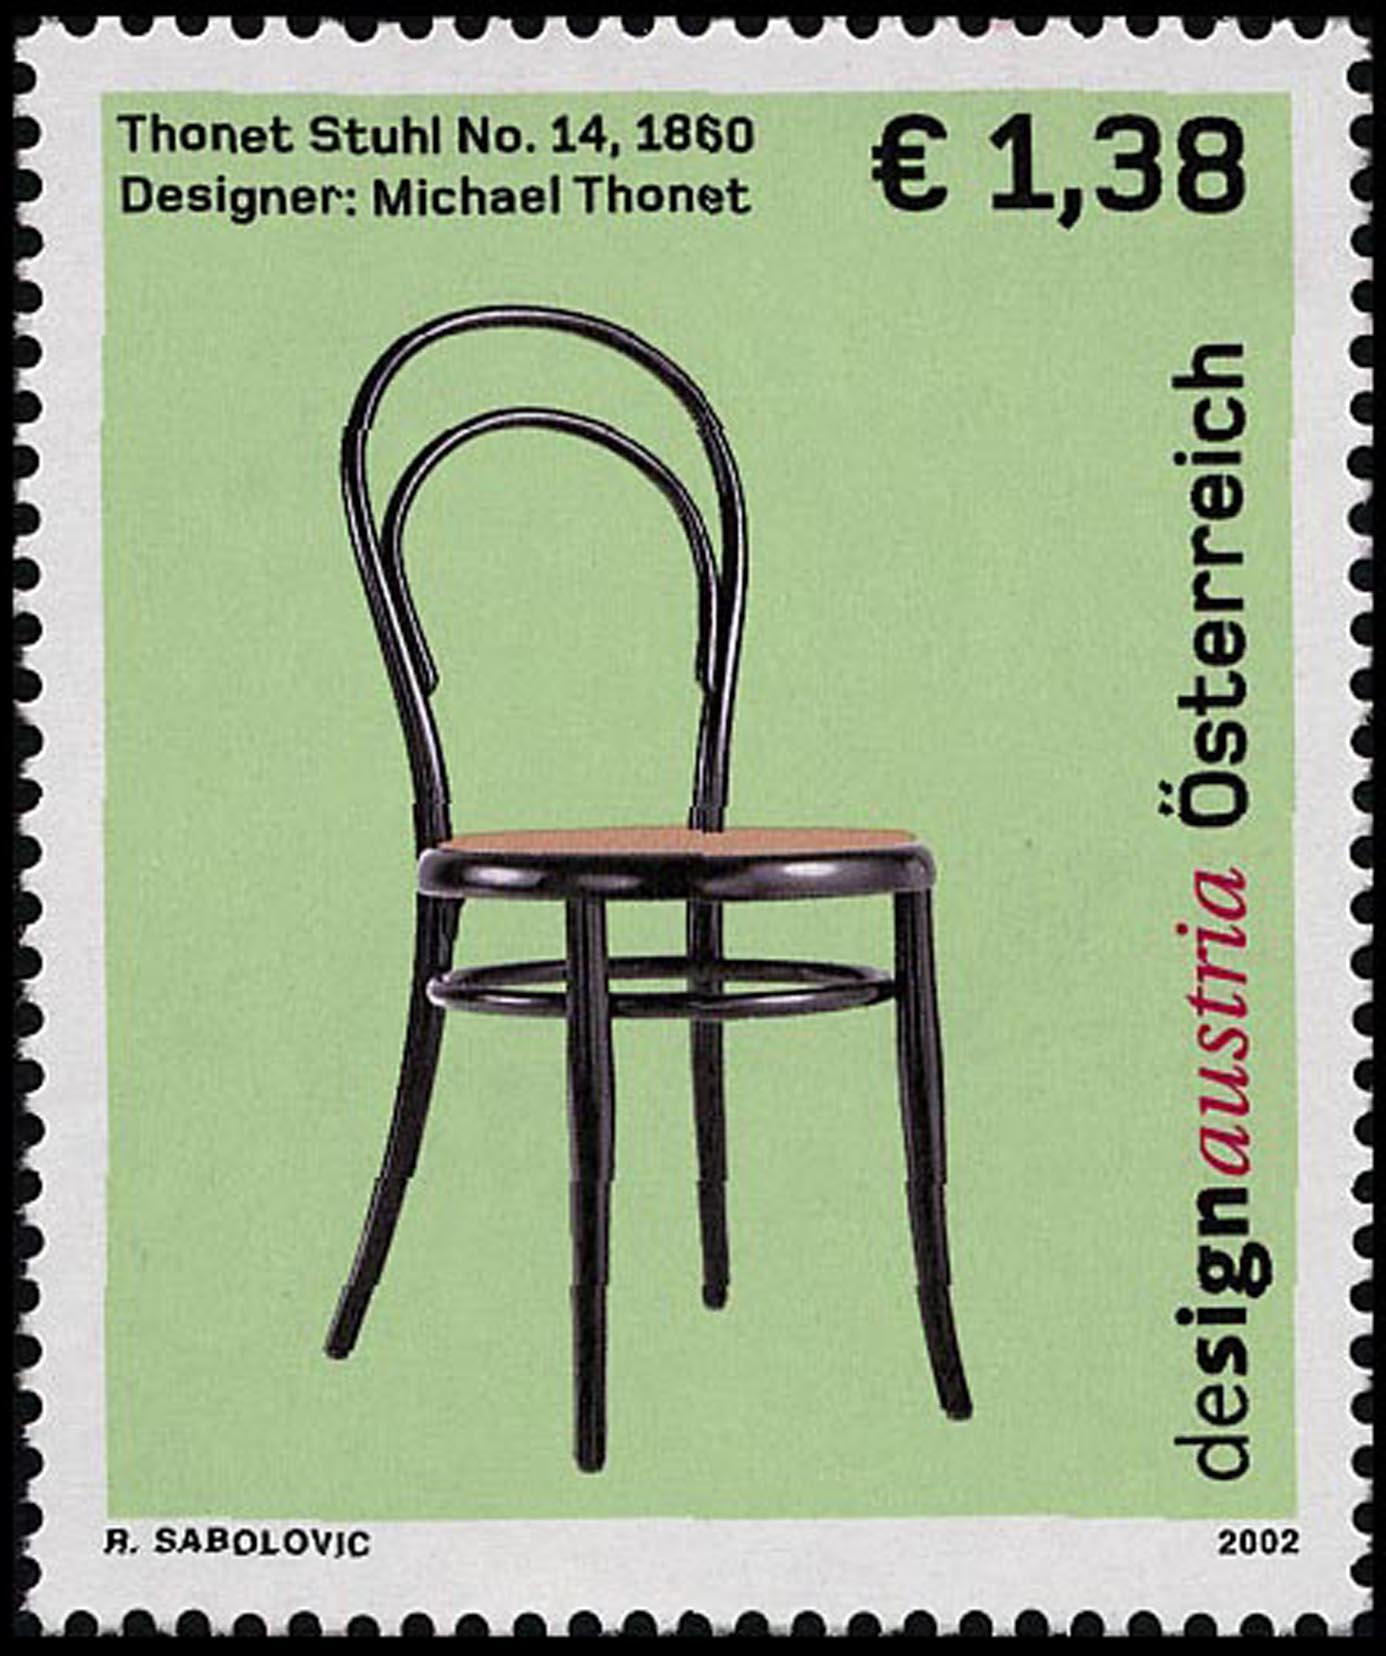 Thonet Sessel 2002 Briefmarken